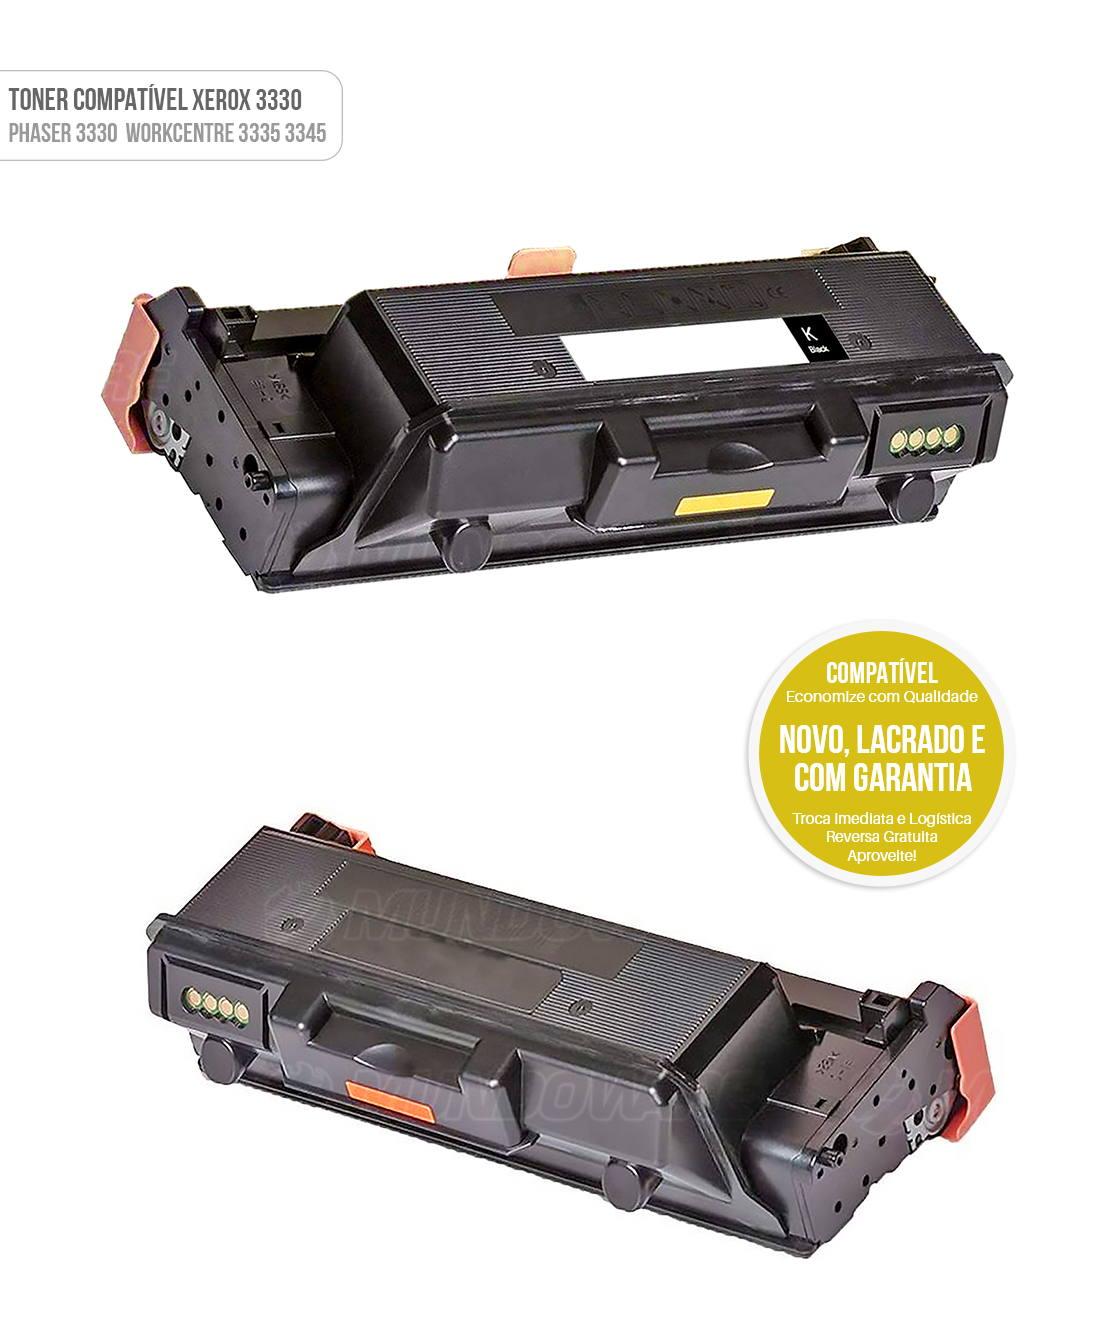 Toner Compatível modelo Phaser 3330 Workcentre 3335 3345 Preto Tonner